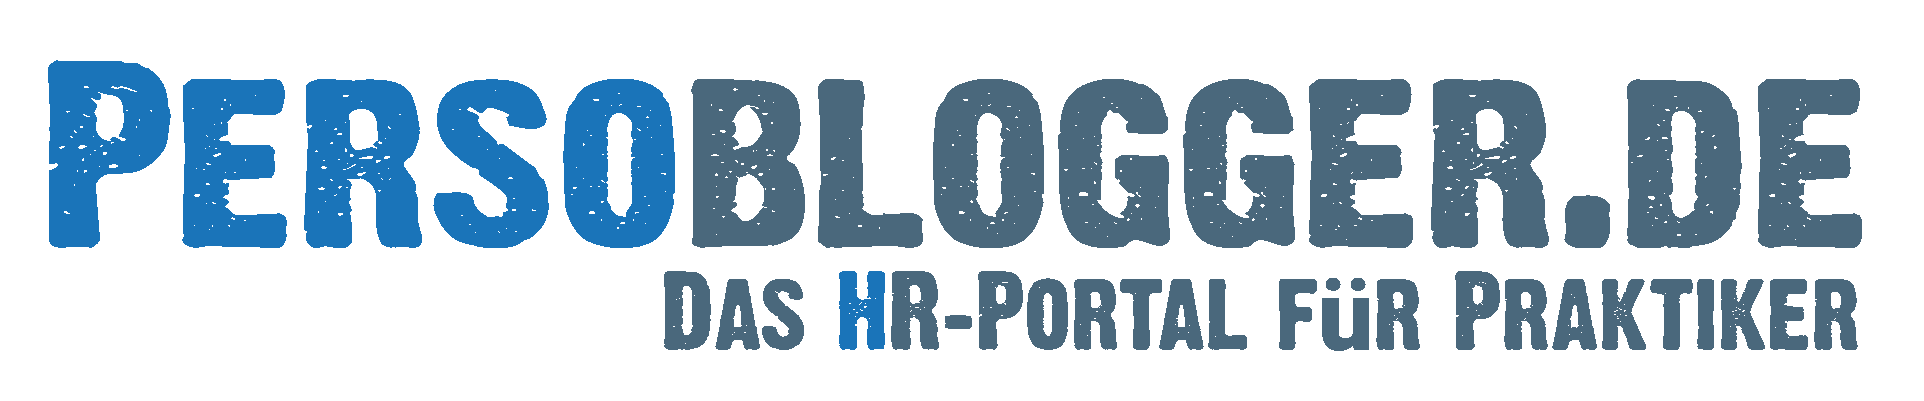 Logo Persoblogger.de Subtext unten